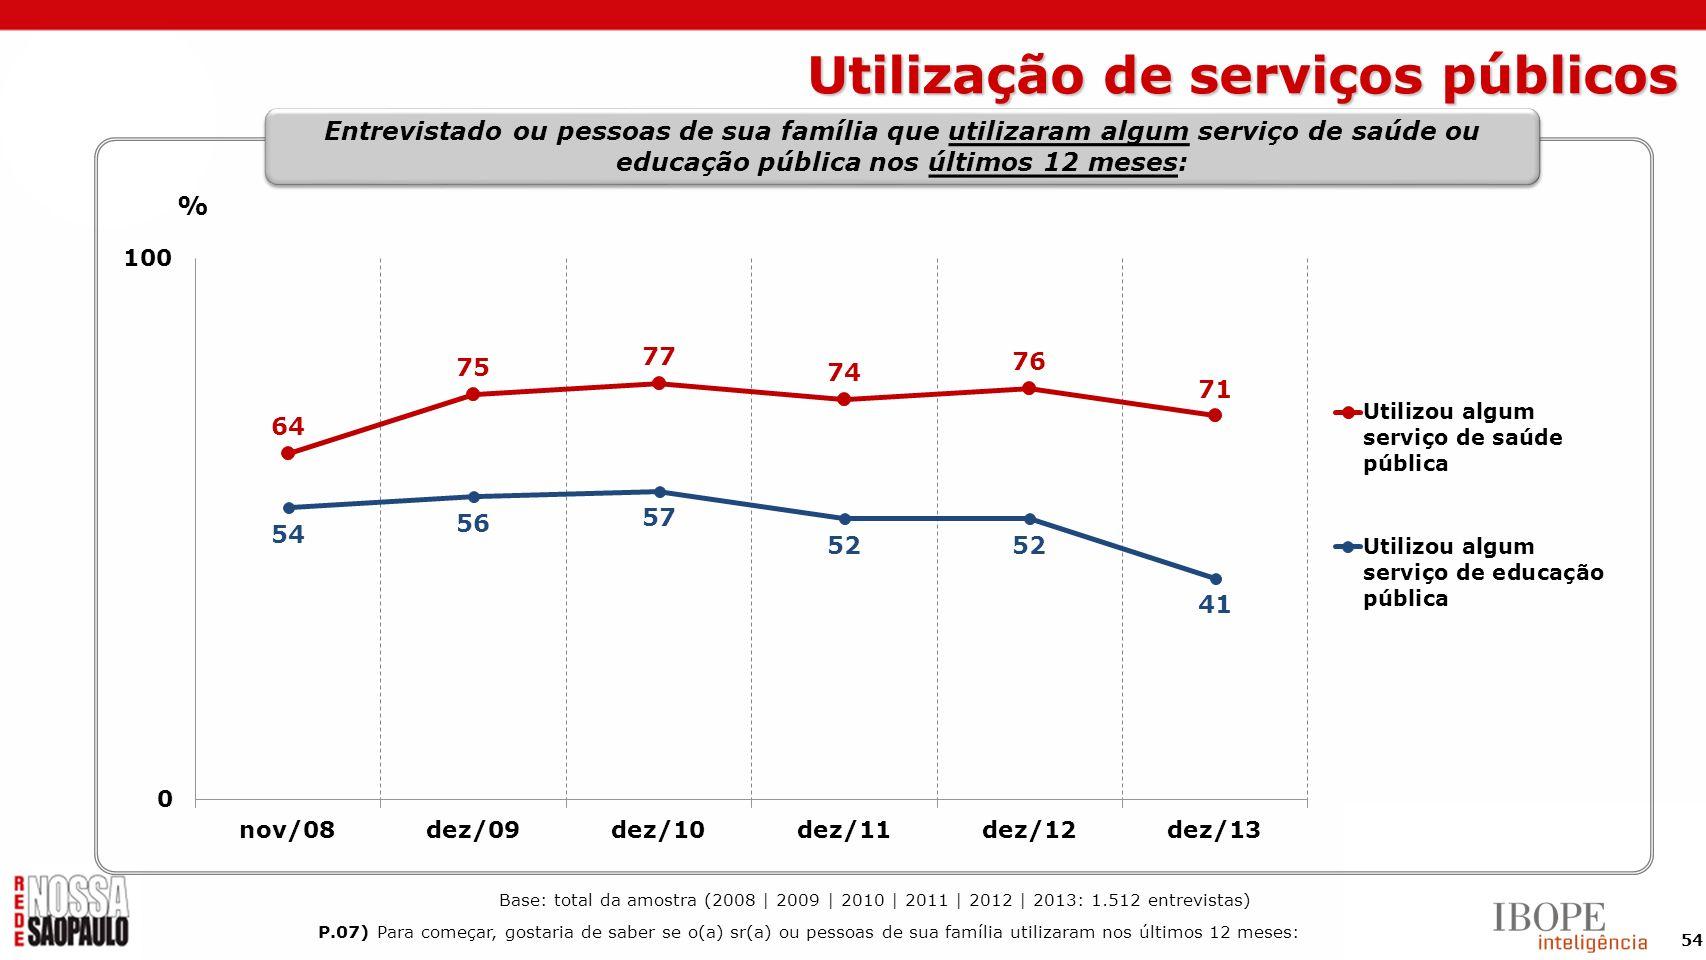 Utilização de serviços públicos